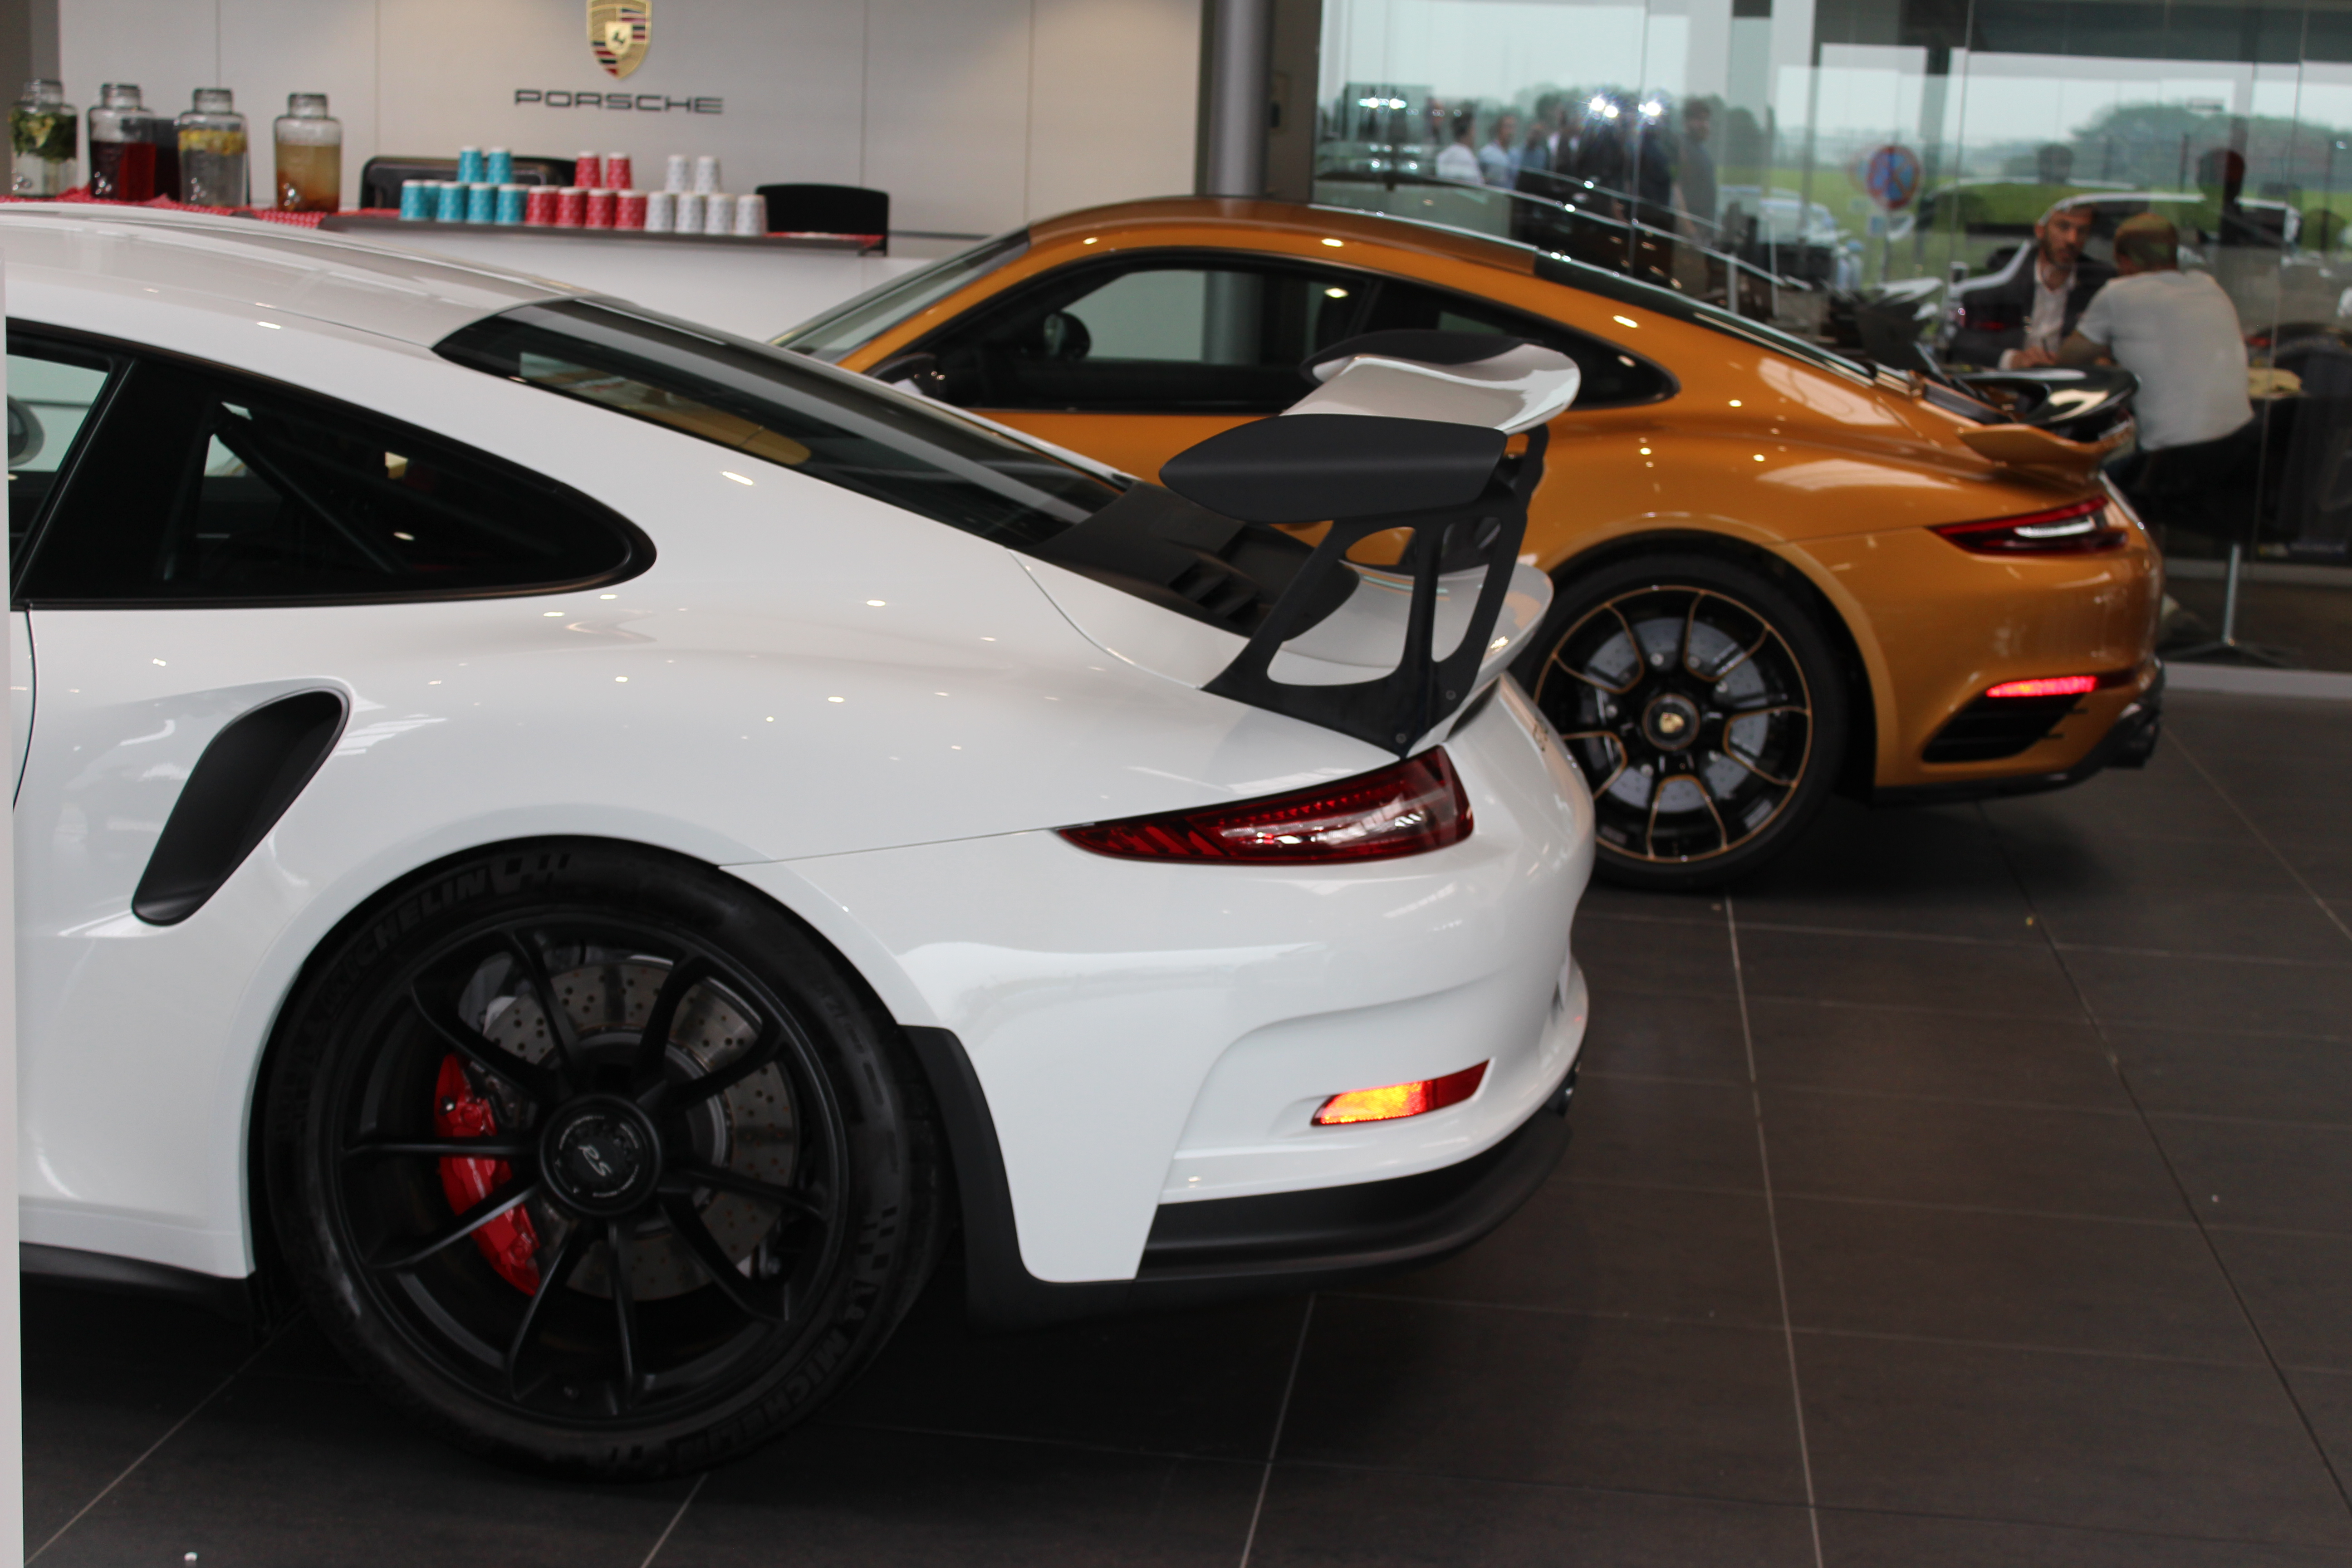 70 Ans Centre Porsche ROISSY Sonauto Img_6662